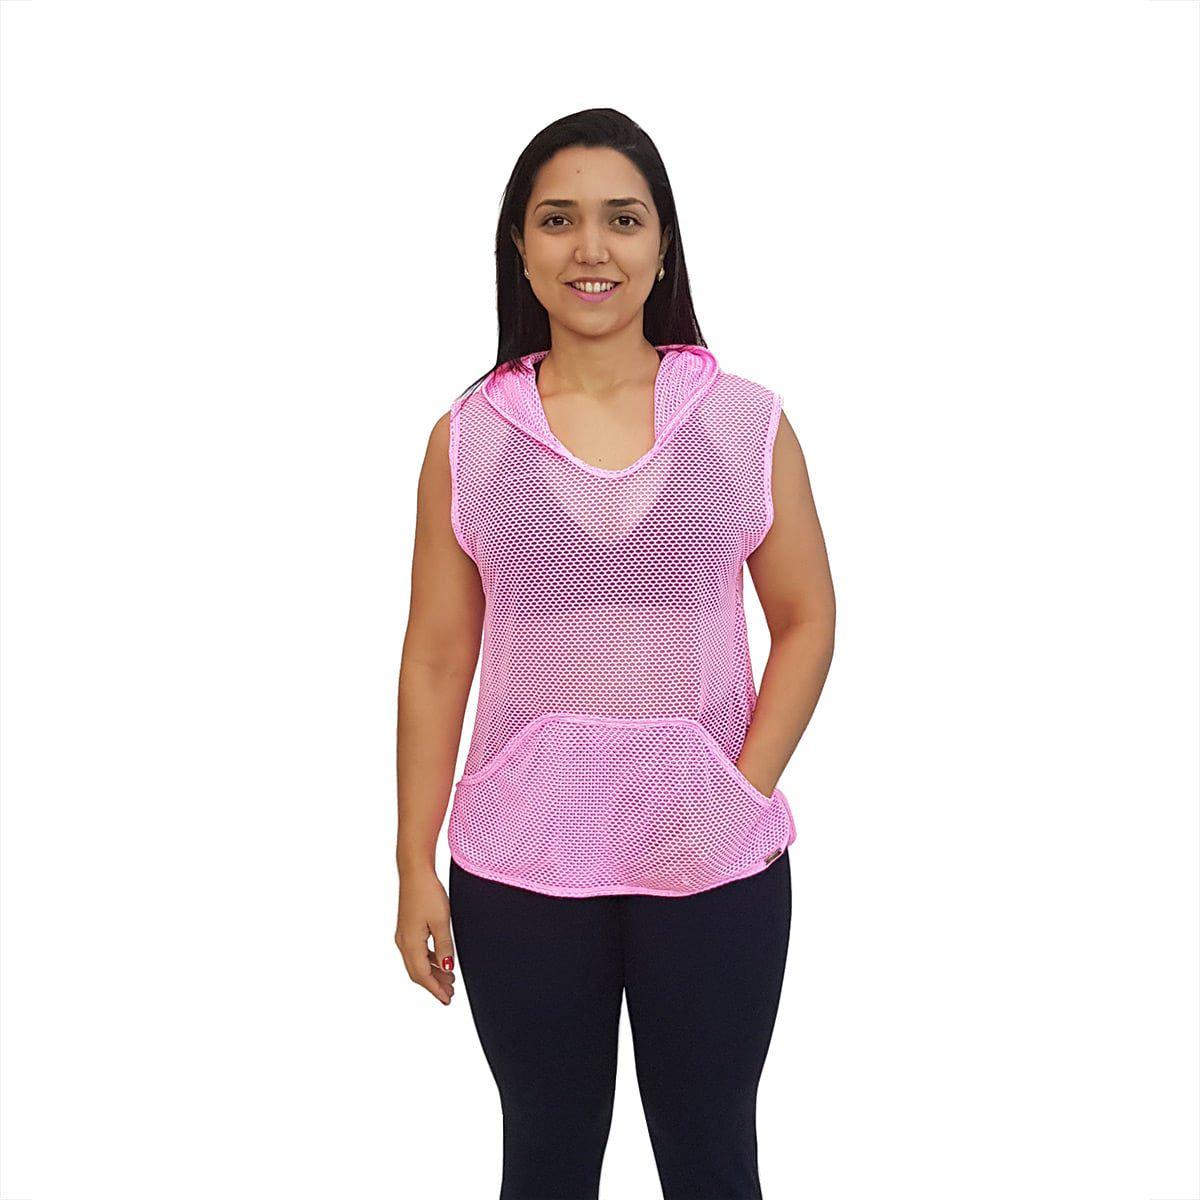 Blusa em Tela Sem Mangas com Capuz e Bolsos Rosa Fluorescente